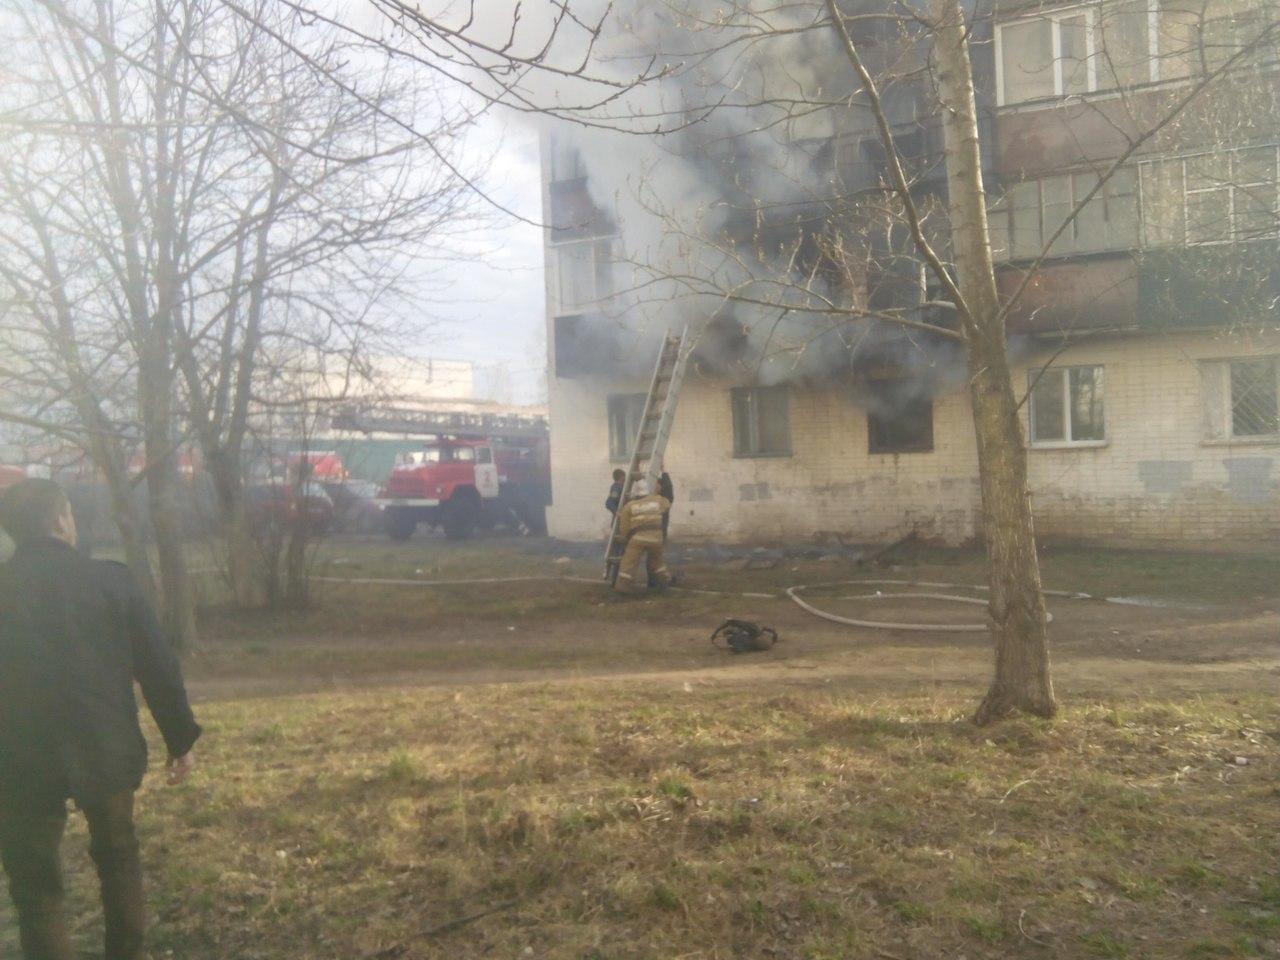 ВСеверном районе Орла впроцессе пожара вквартире погибли двое